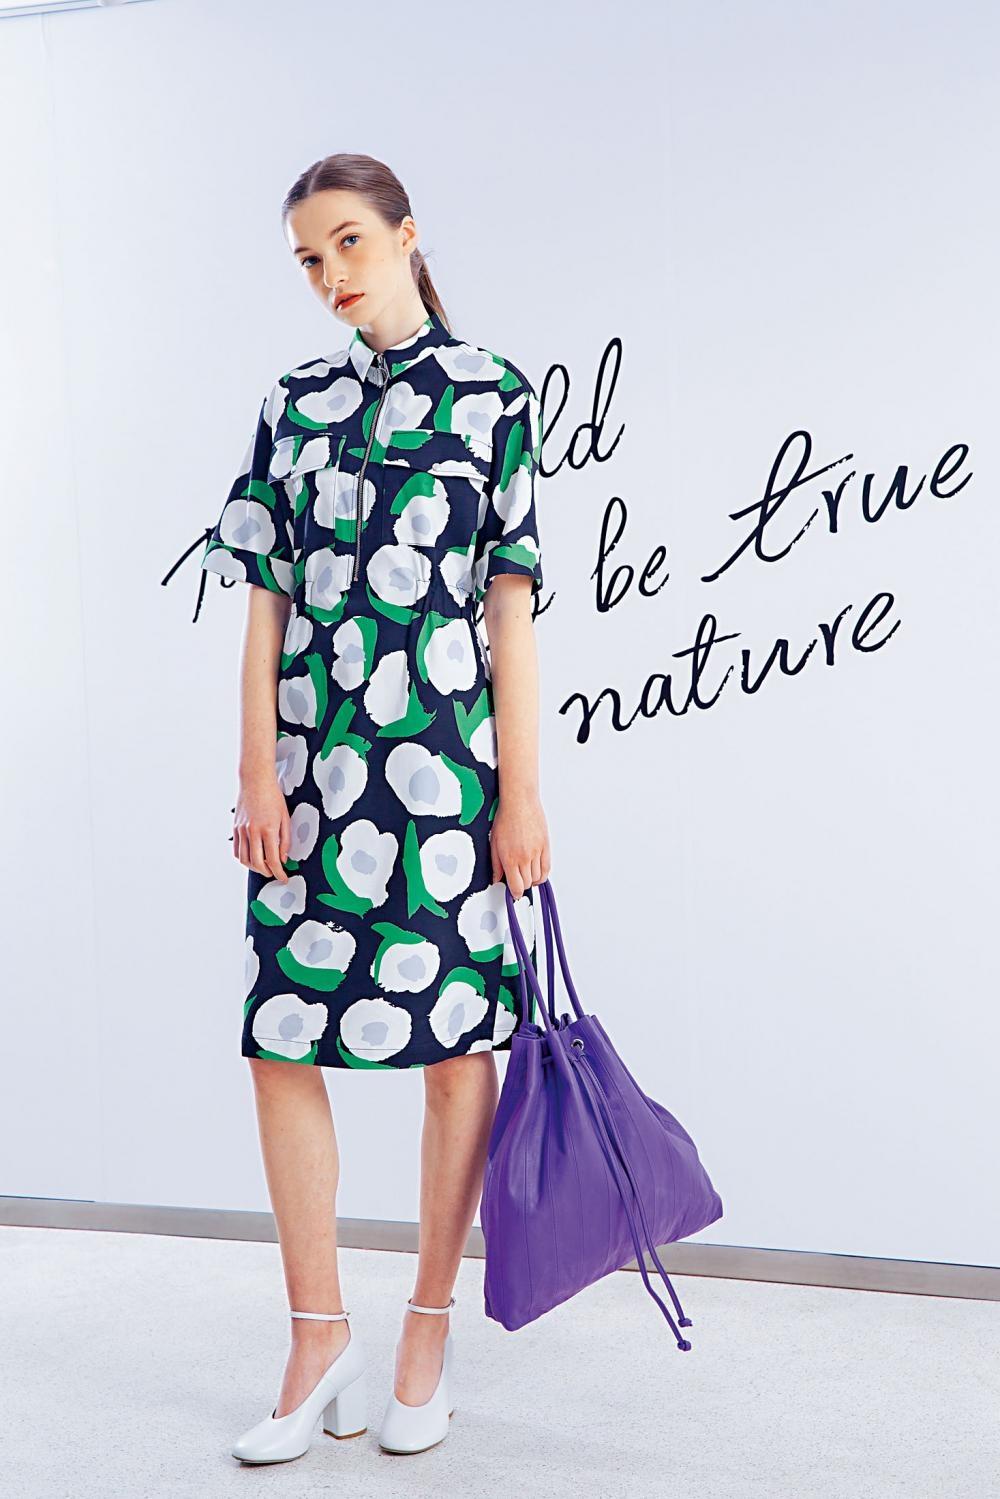 全新的Vikuri印花圖案連身裙、新登場的Klaara紫色皮革手袋。